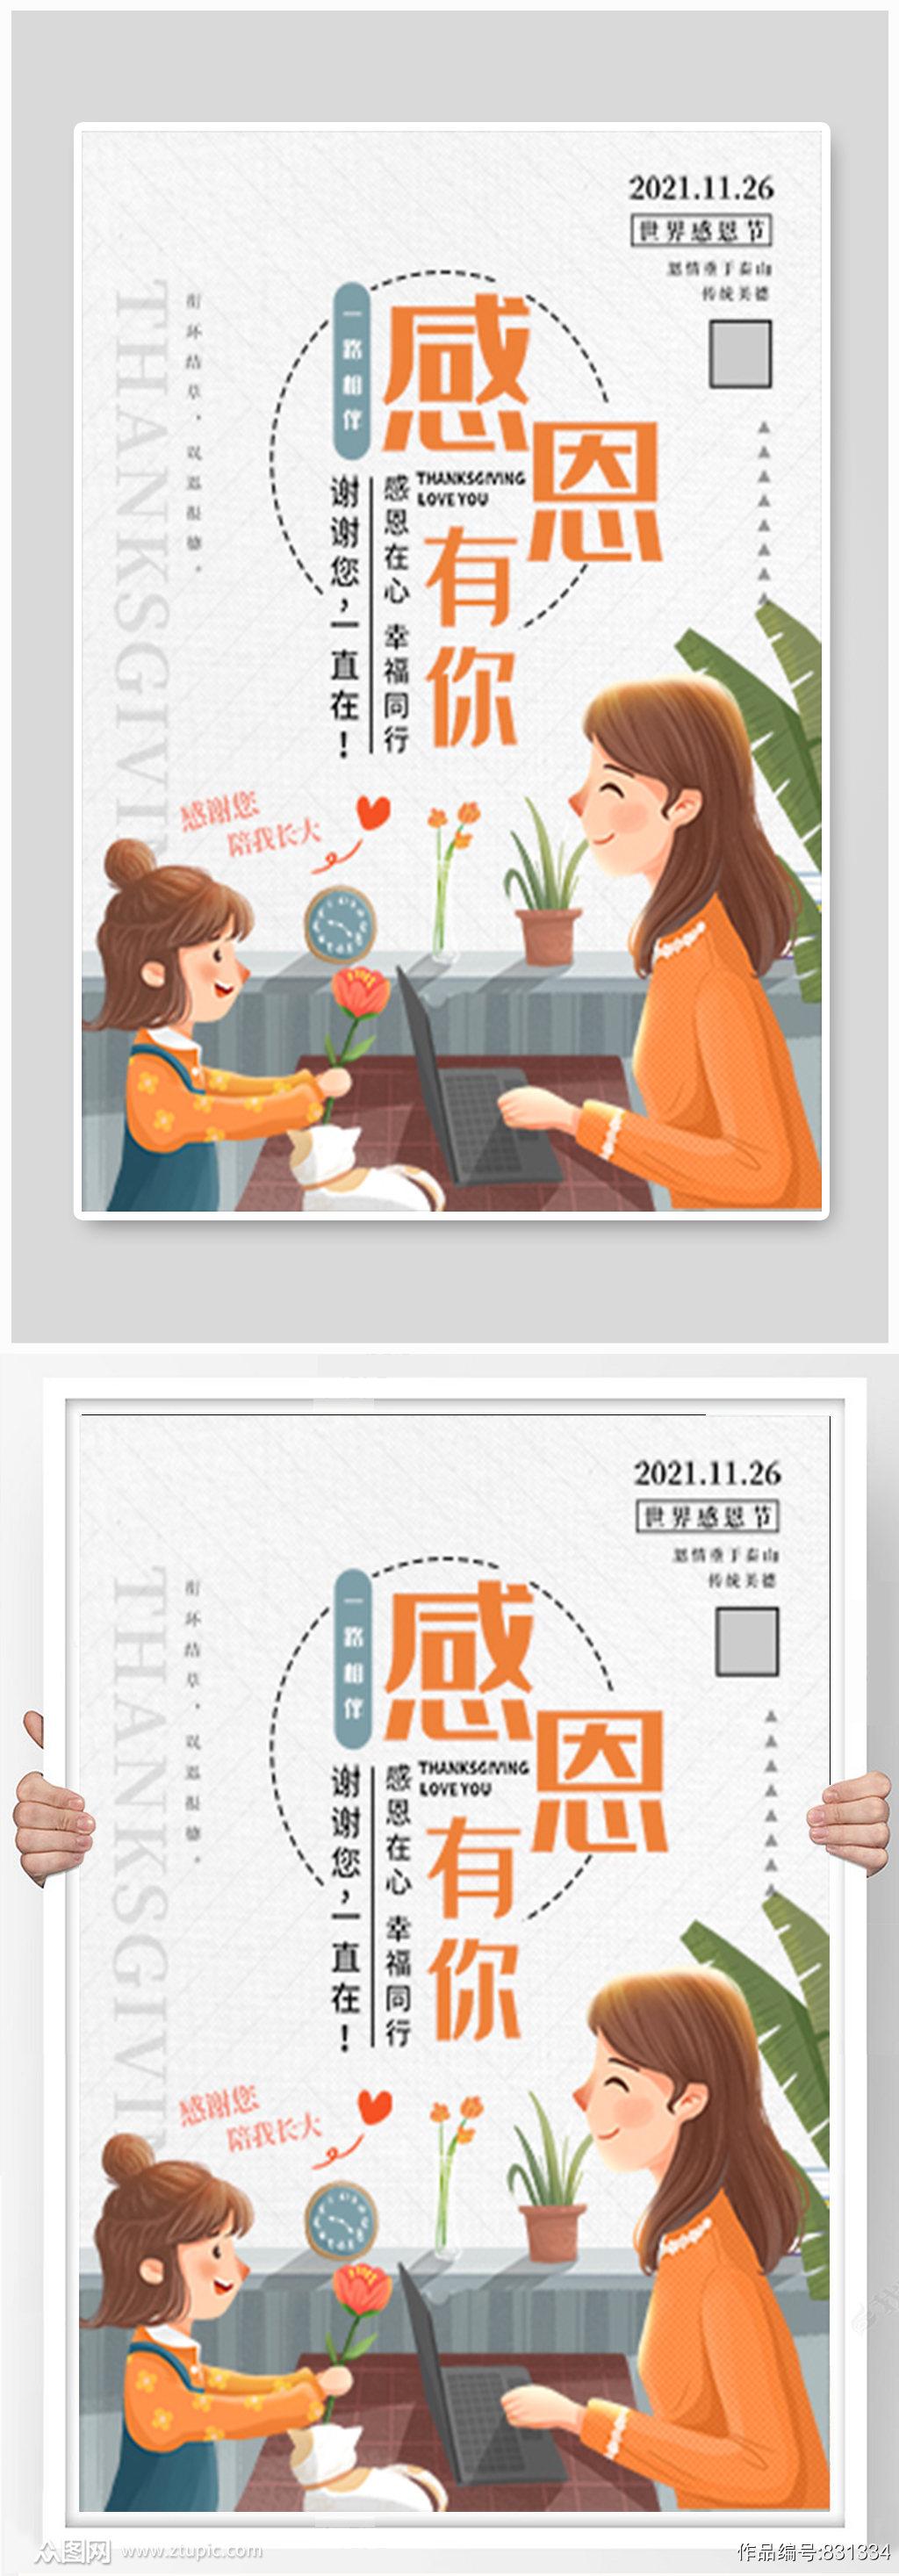 感恩节手绘节日海报素材